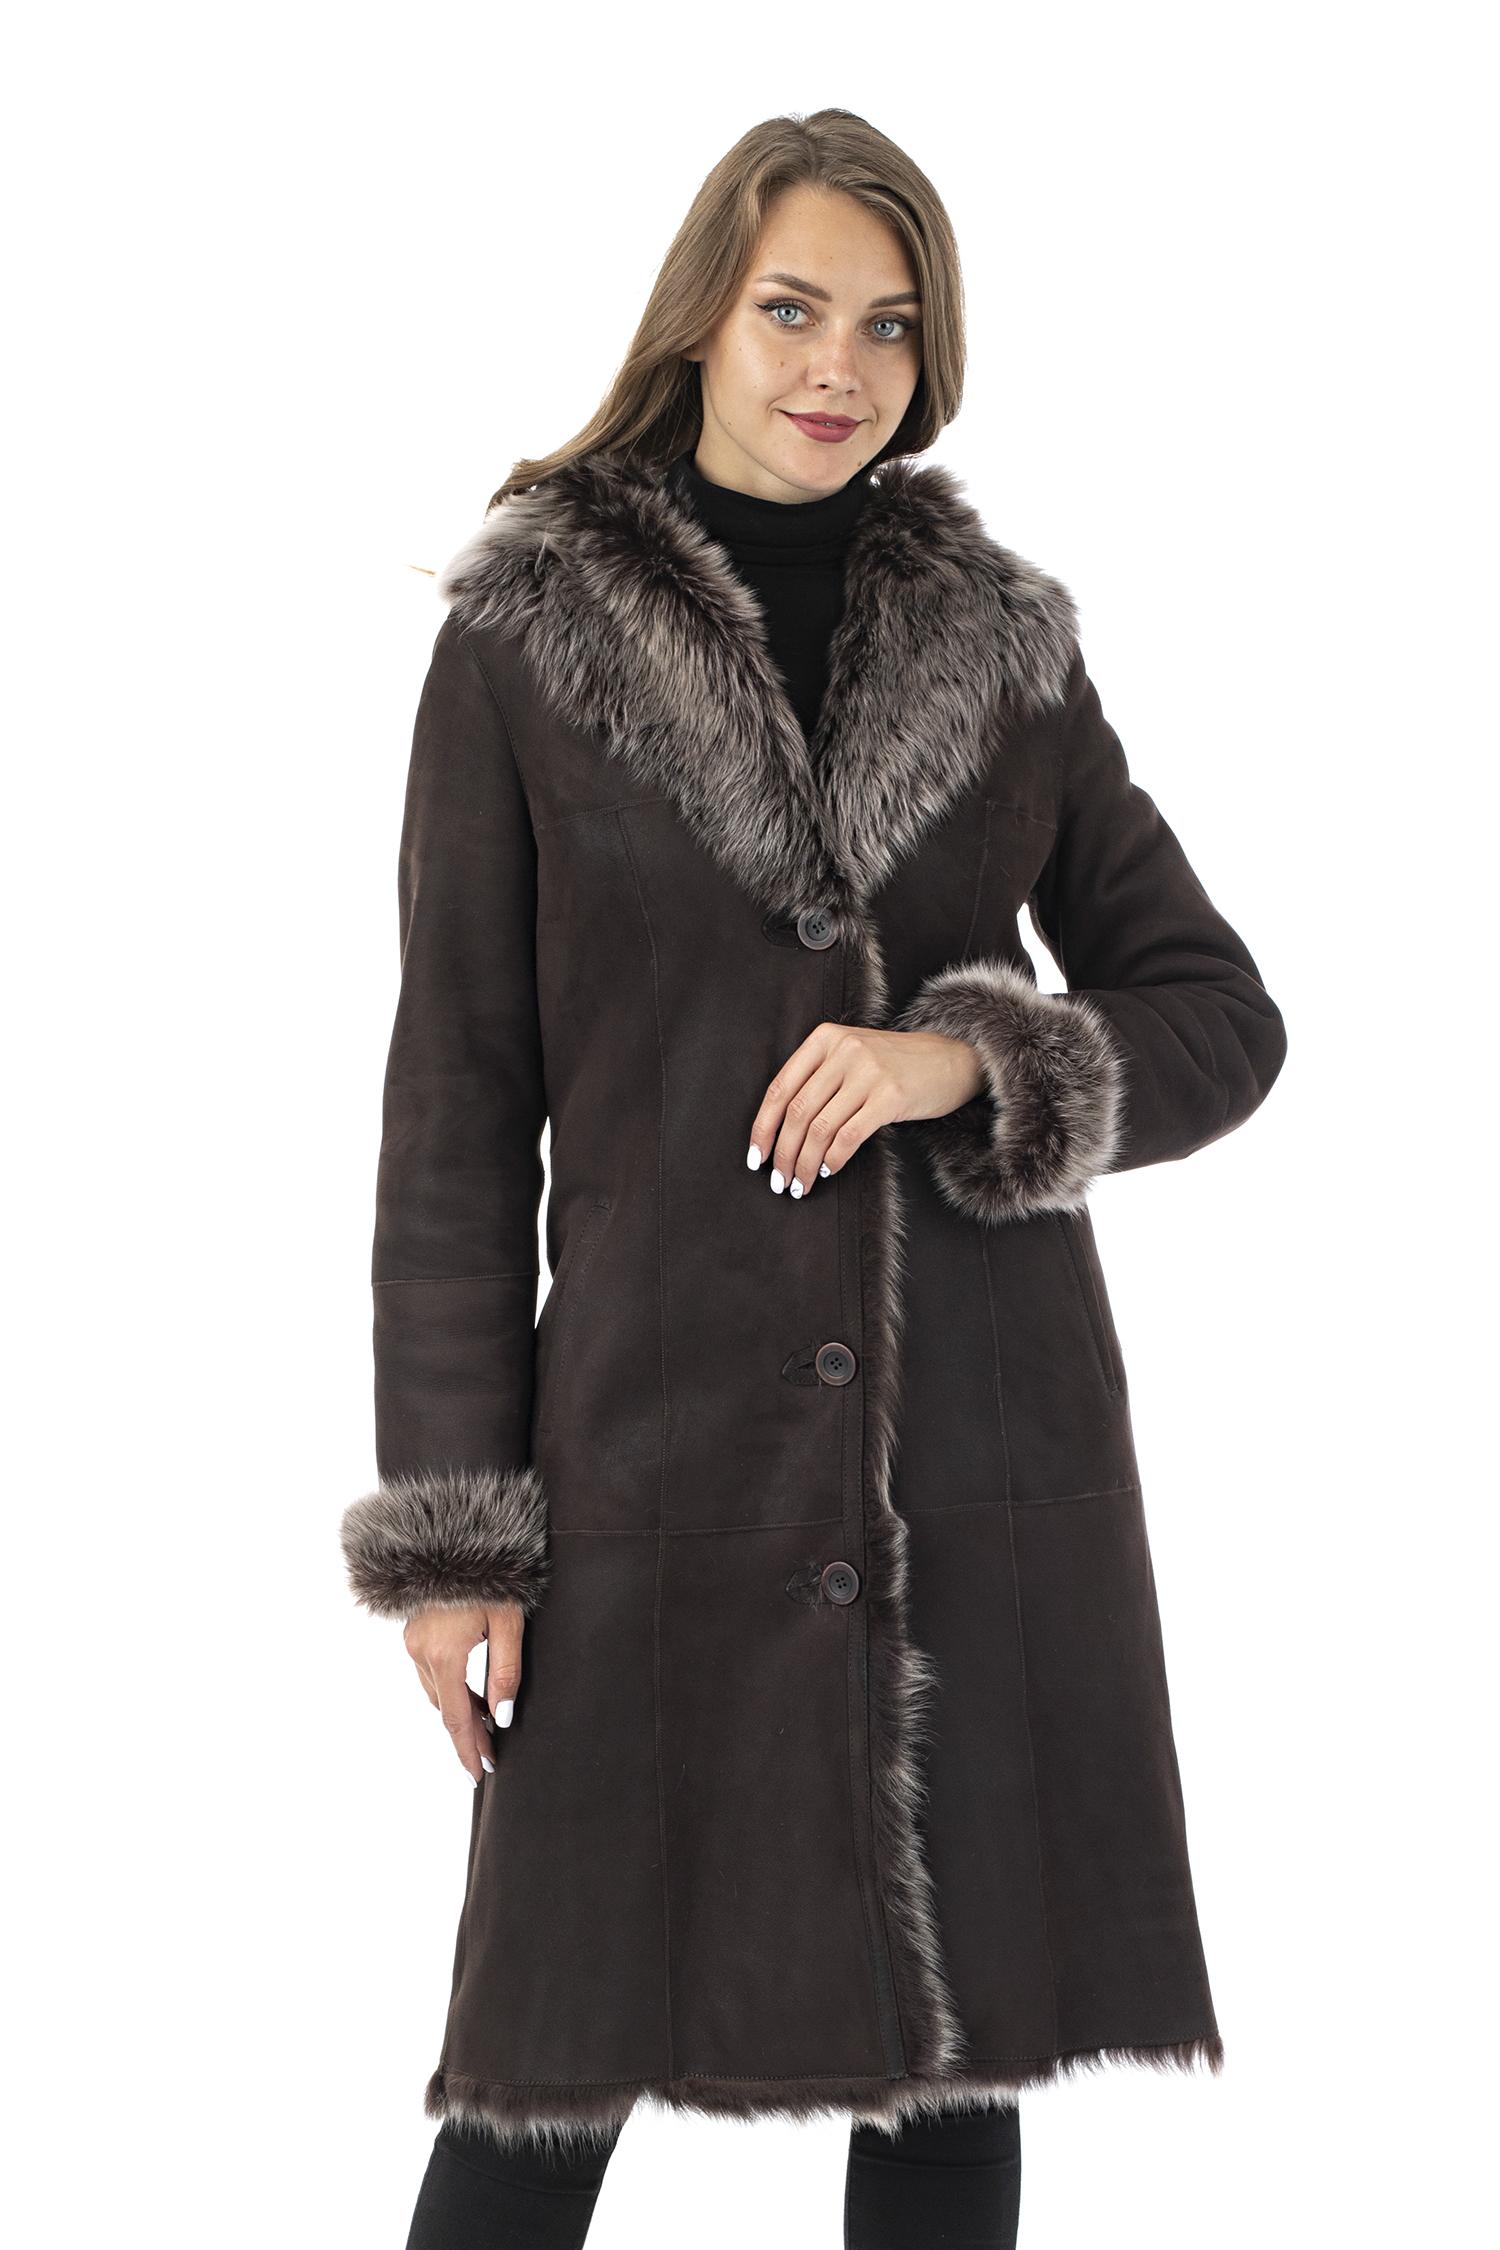 Дубленка женская из натуральной овчины с капюшоном МОСМЕХА